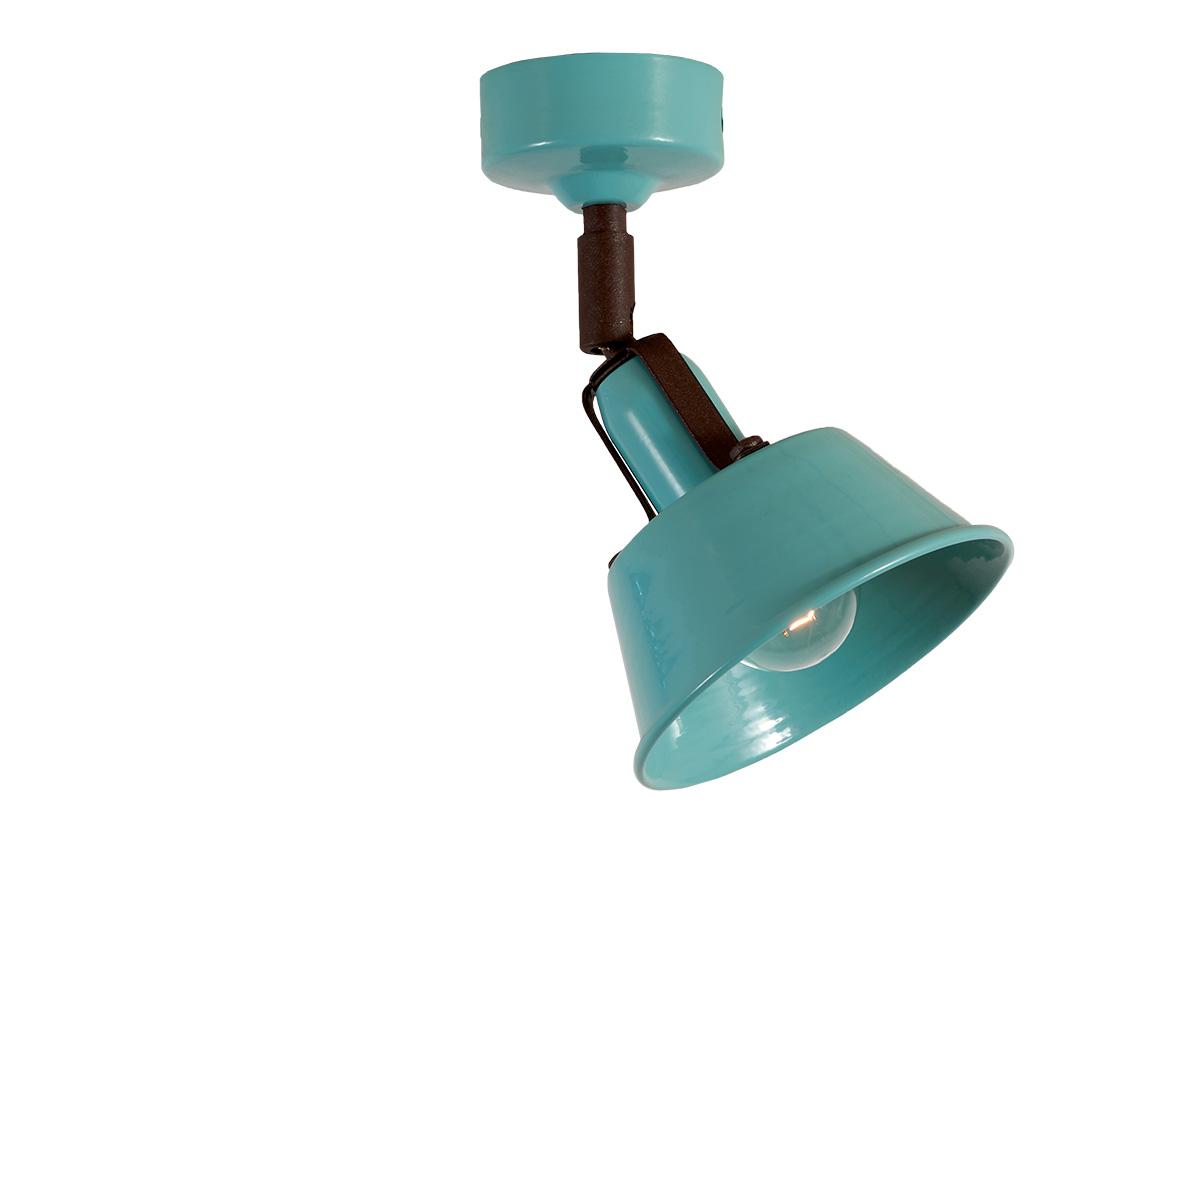 Παραδοσιακό σποτ βεραμάν ΜΗΛΟΣ vintage spotlight pastel turquoise